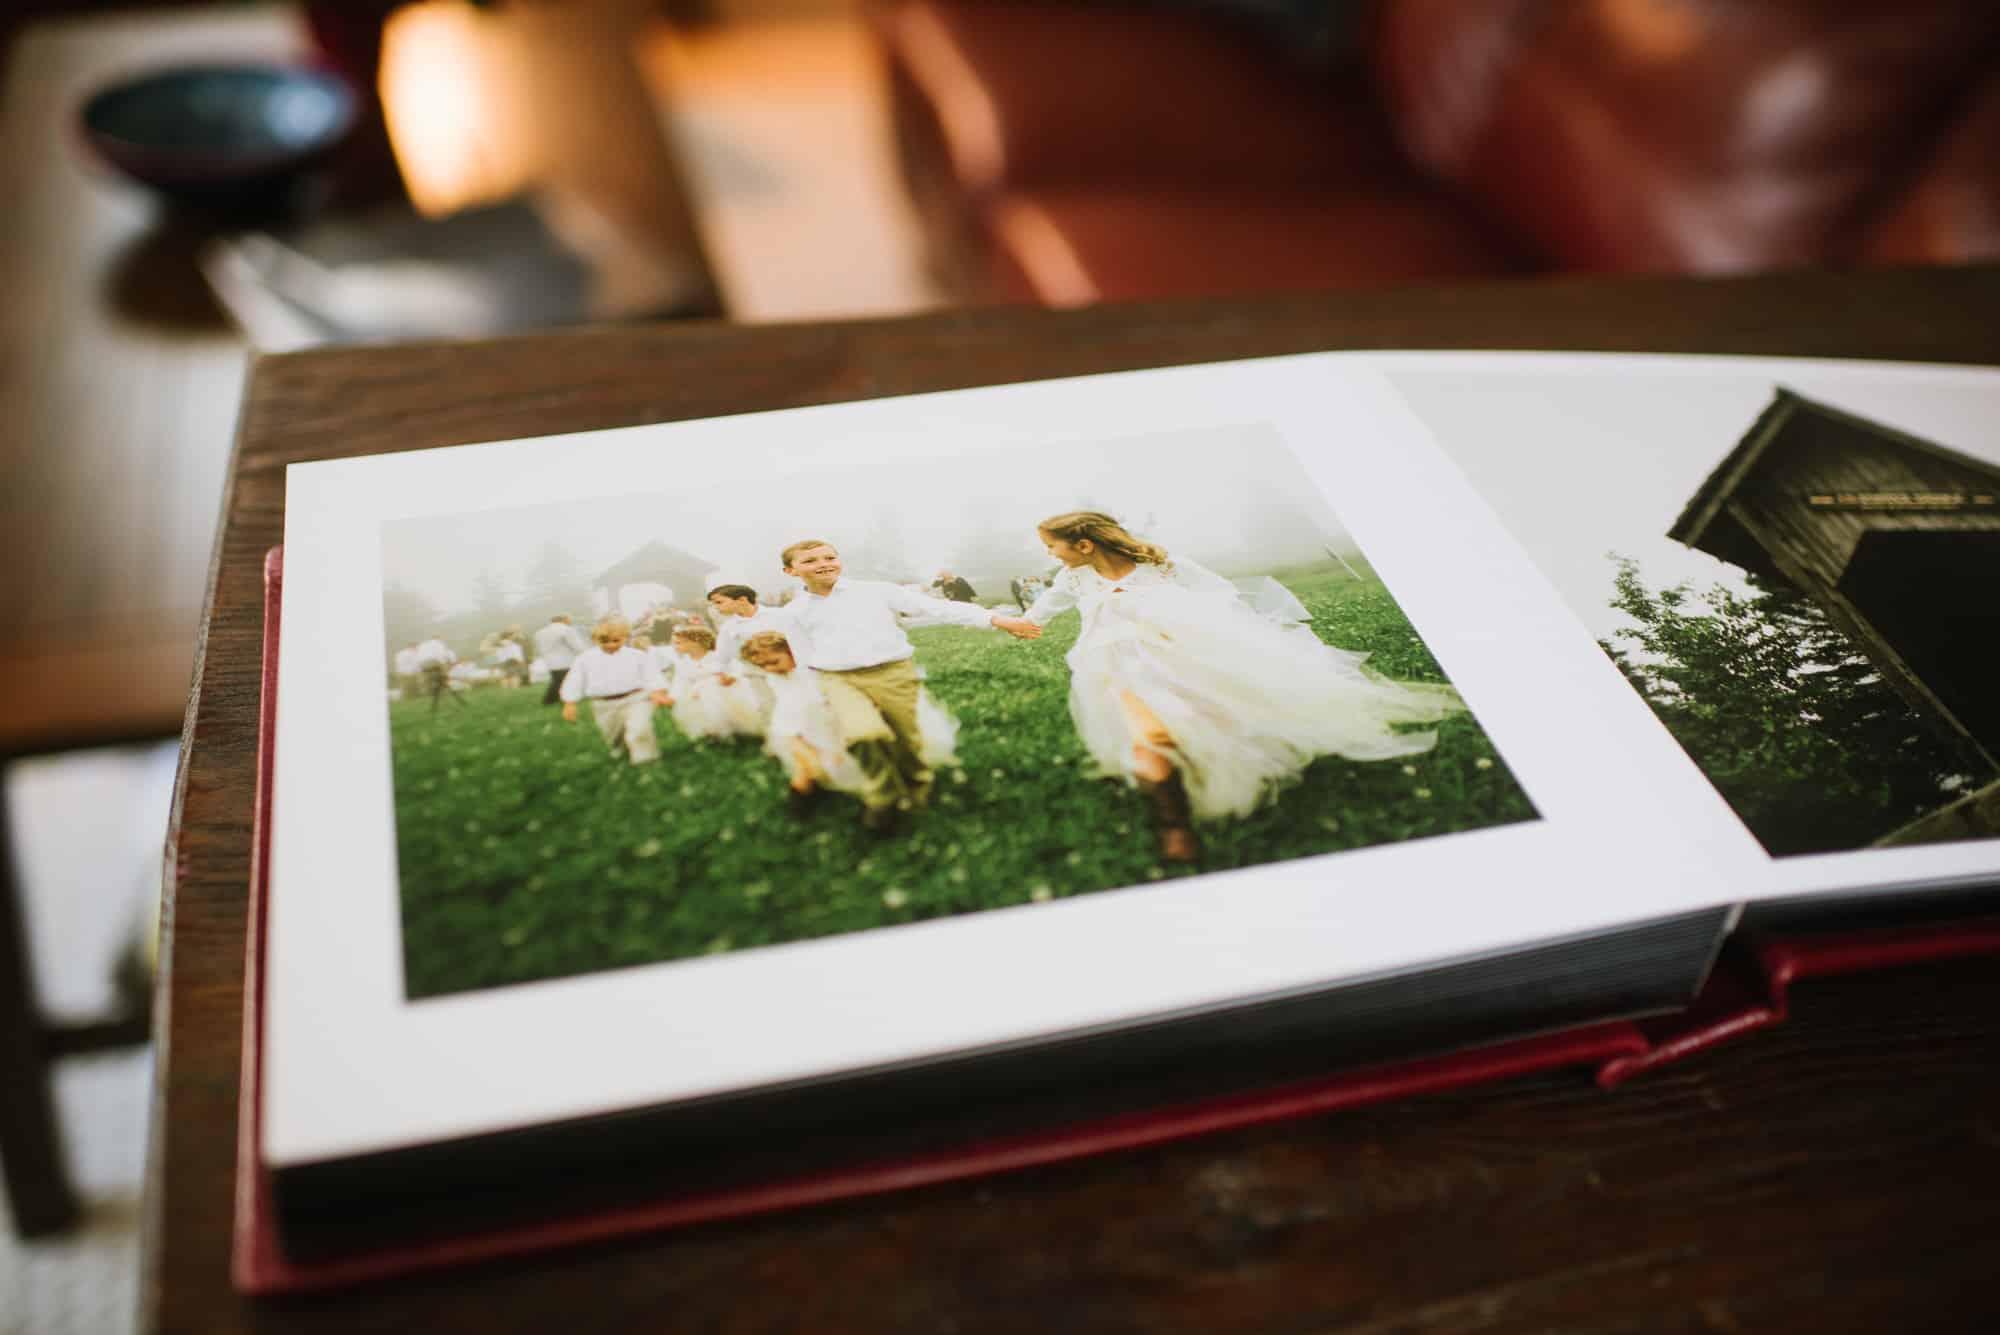 vermont-wedding-photographers-albums-02